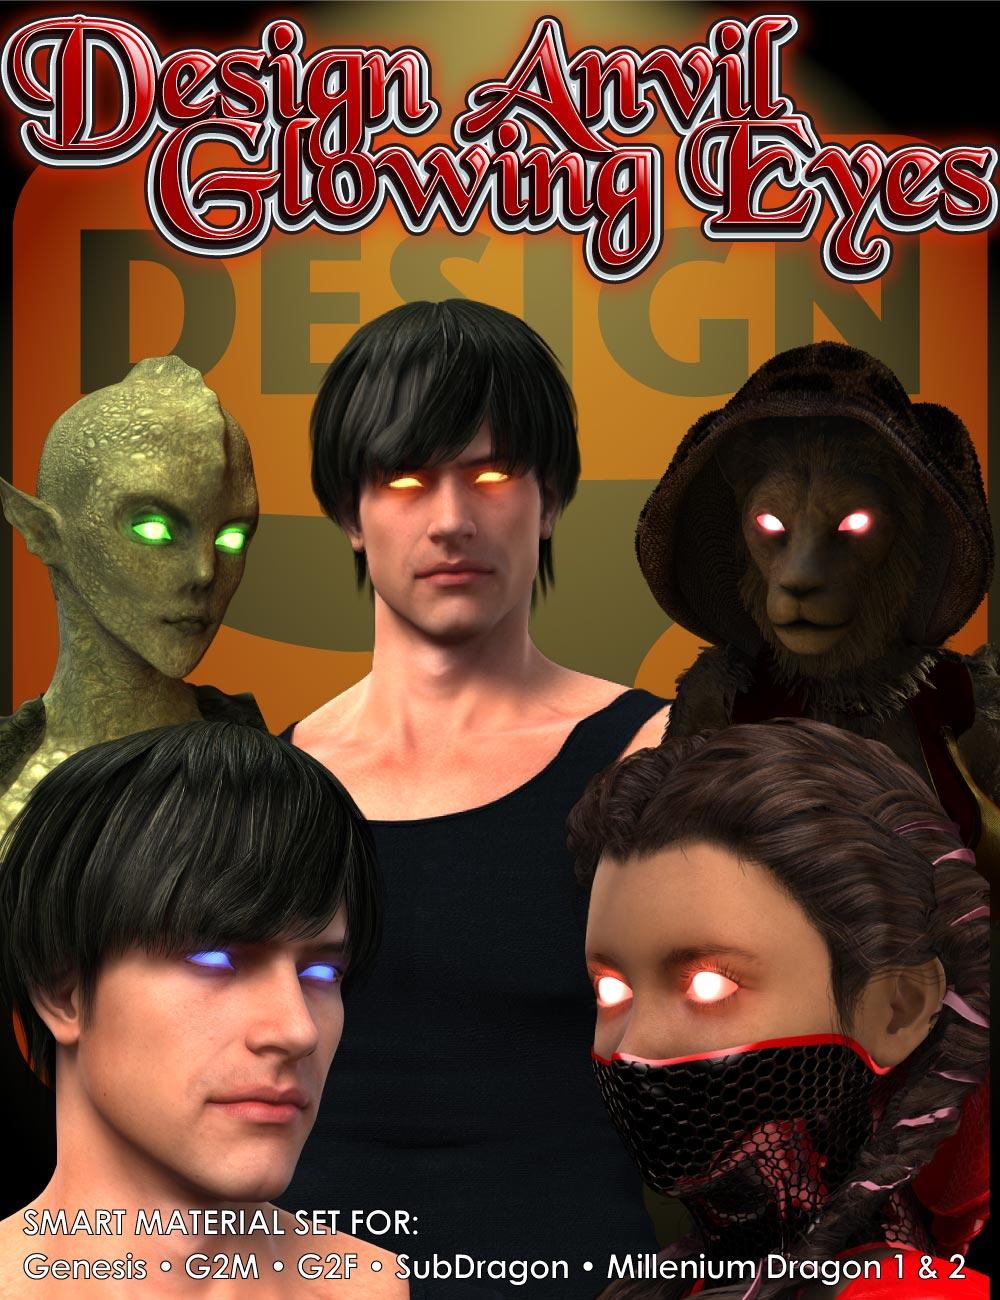 DA Glowing Eyes by: Design Anvil, 3D Models by Daz 3D